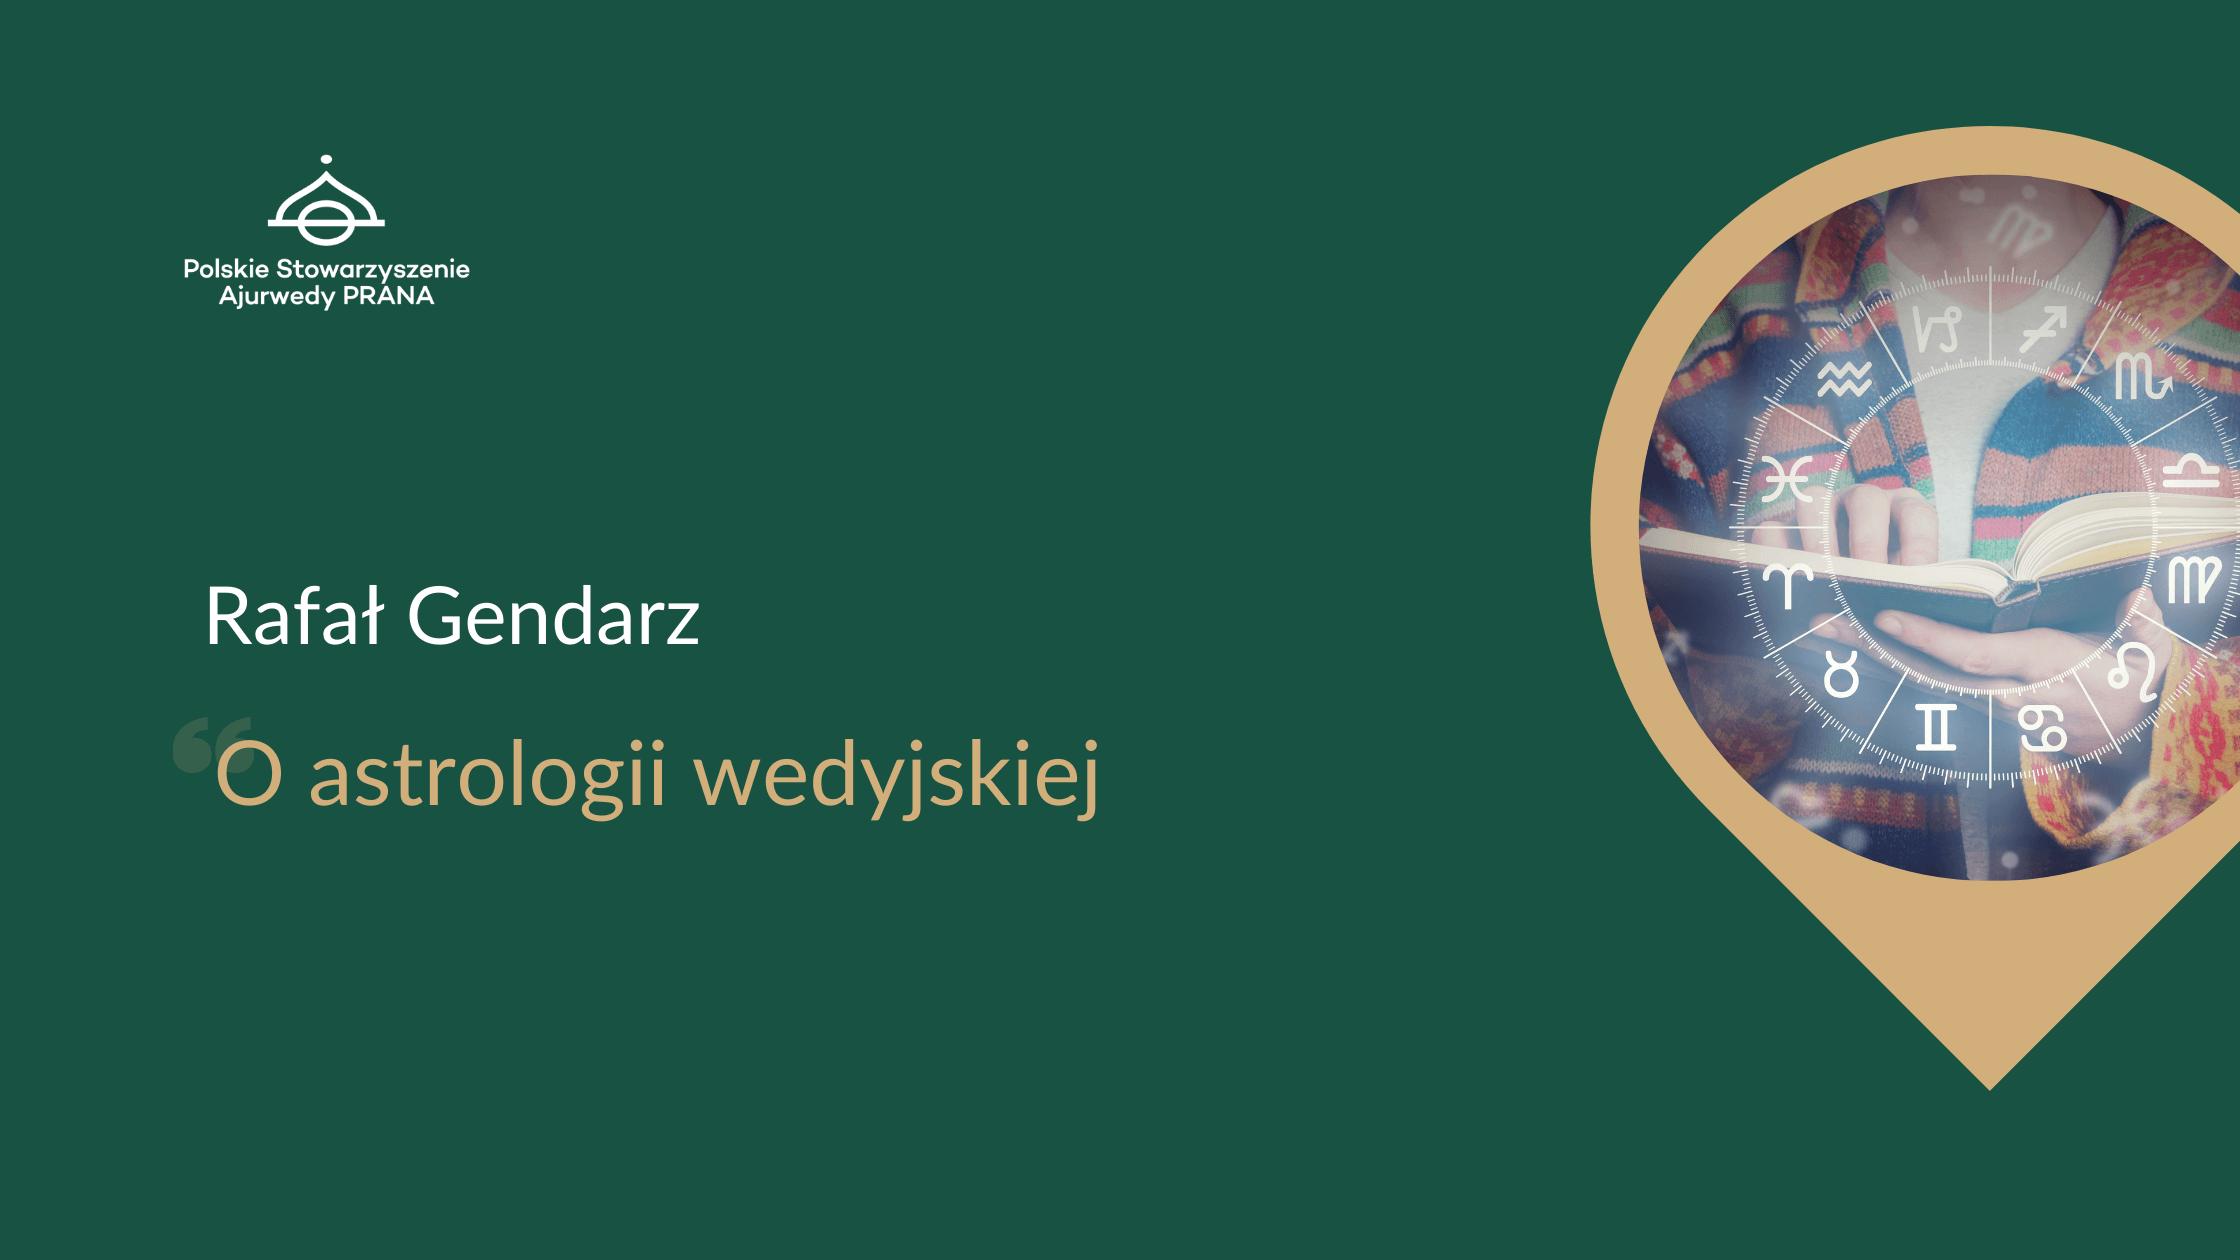 O astrologii wedyjskiej – wywiad z Rafałem Gendarzem